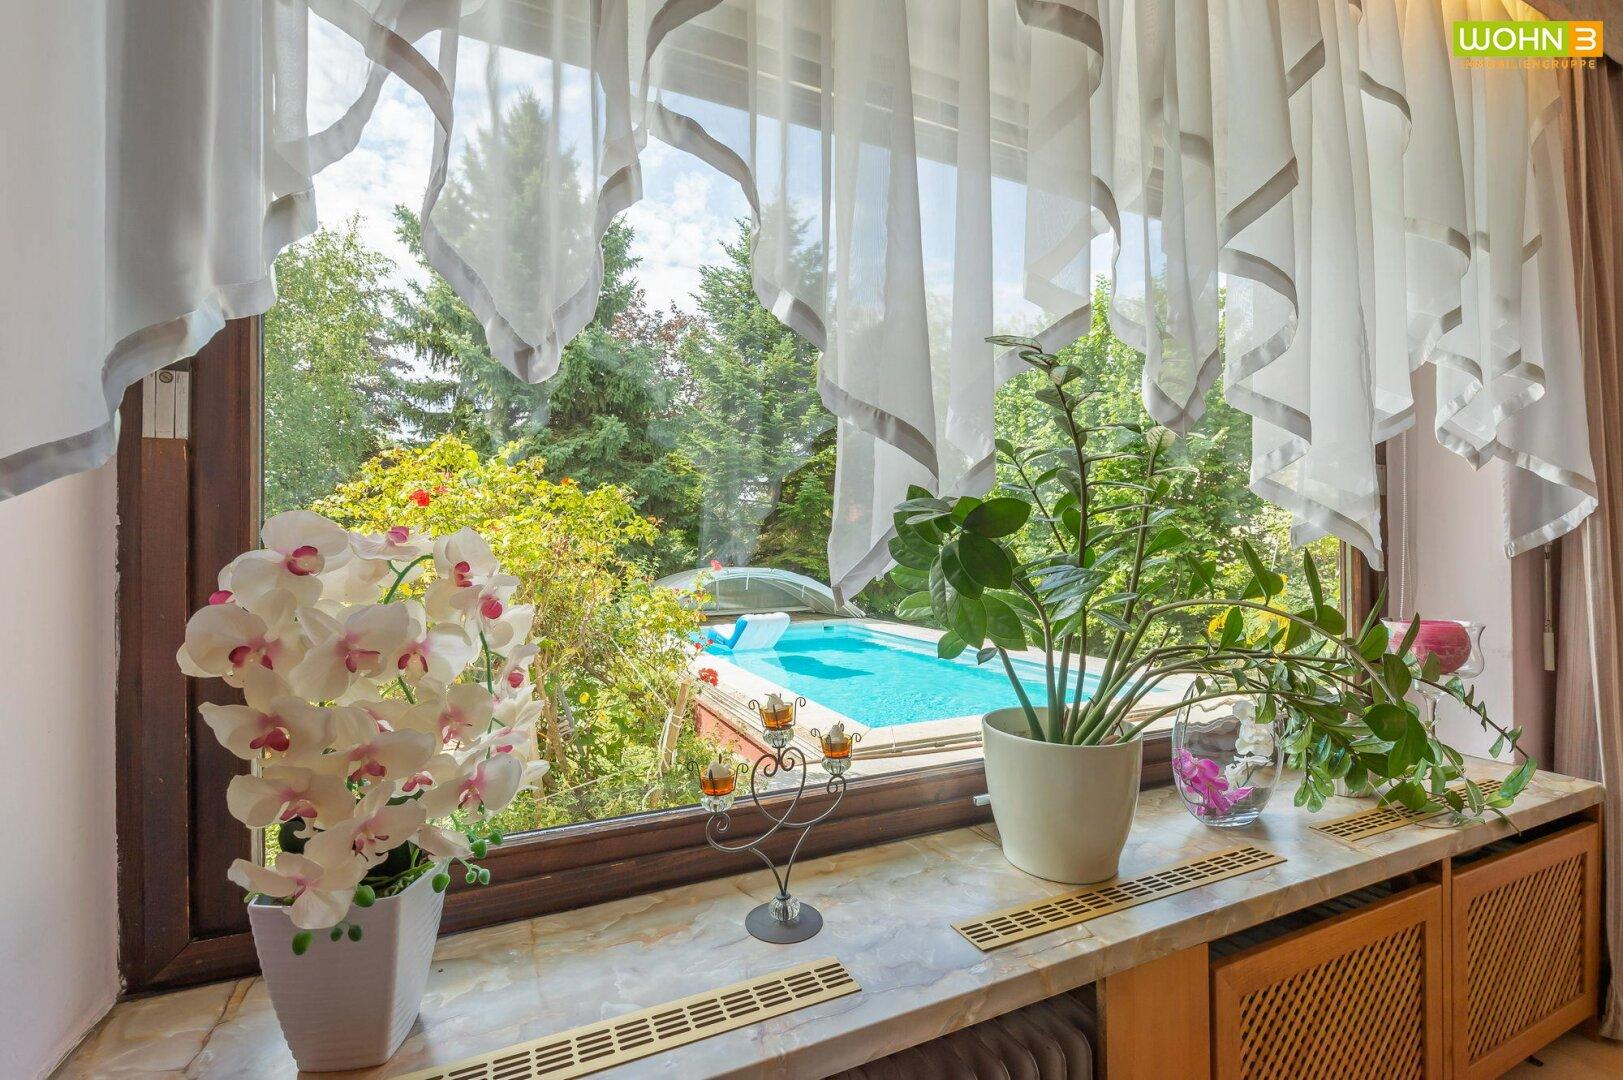 Wohnzimmer Gartenblick